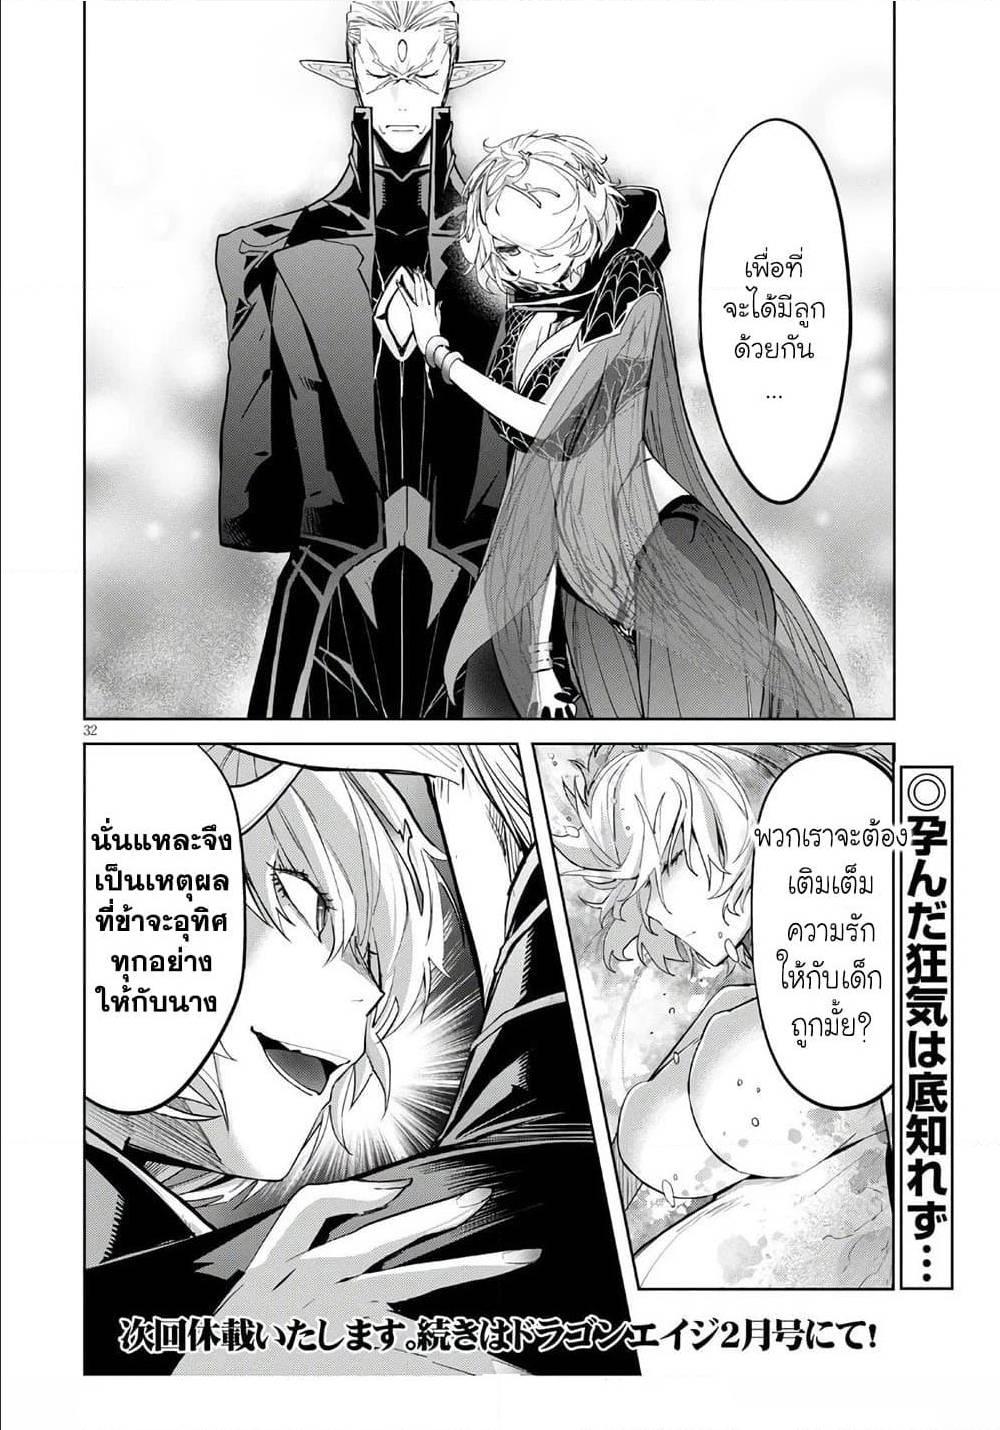 อ่านการ์ตูน Game obu Familia - Family Senki ตอนที่ 28 หน้าที่ 31